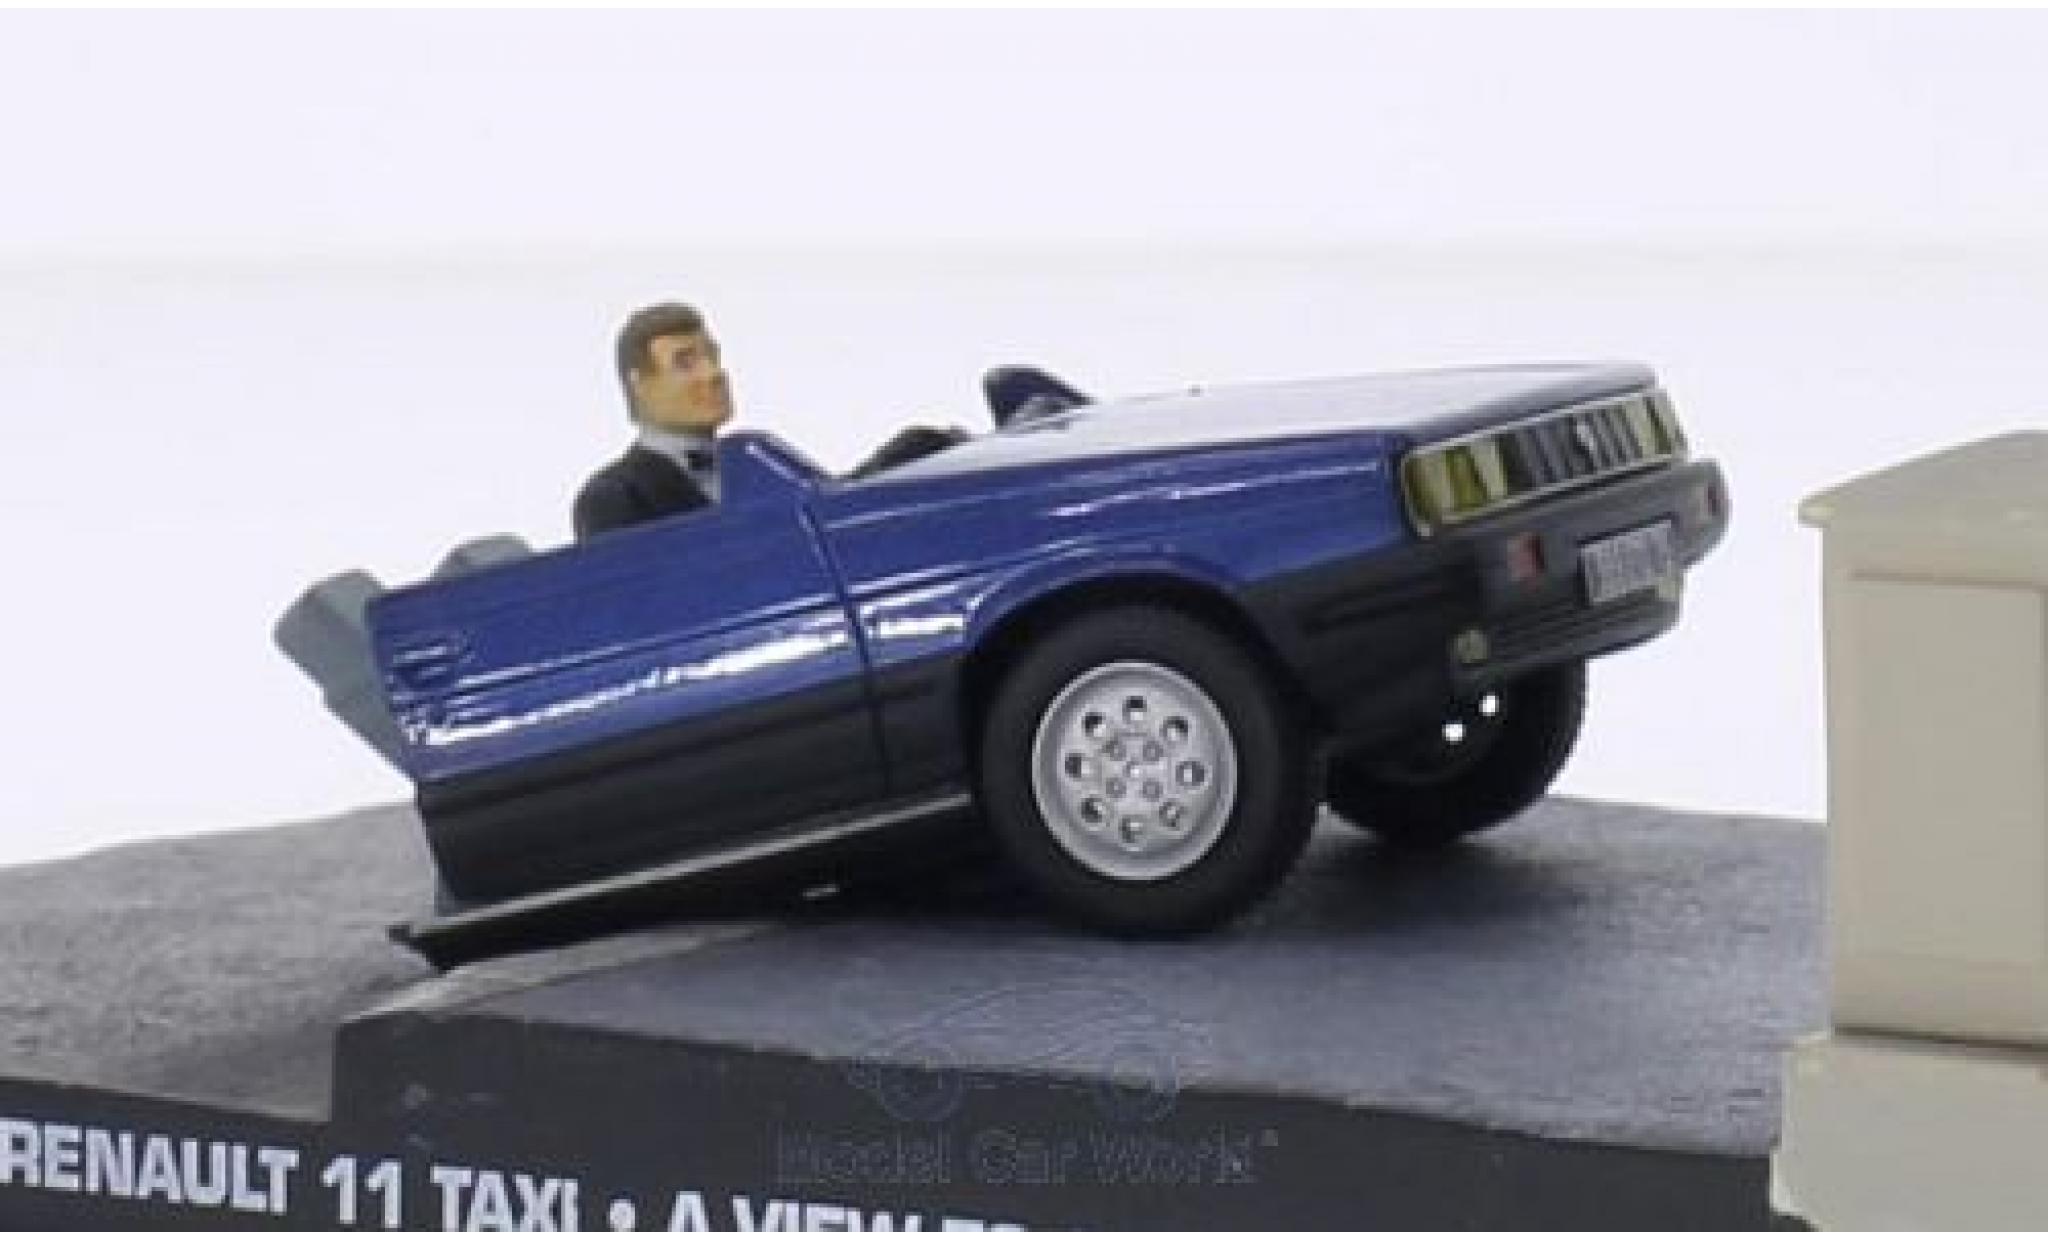 Renault 11 1/43 SpecialC 007 Taxi Half Car James Bond 007 Im Angesicht des Todes ohne Vitrine